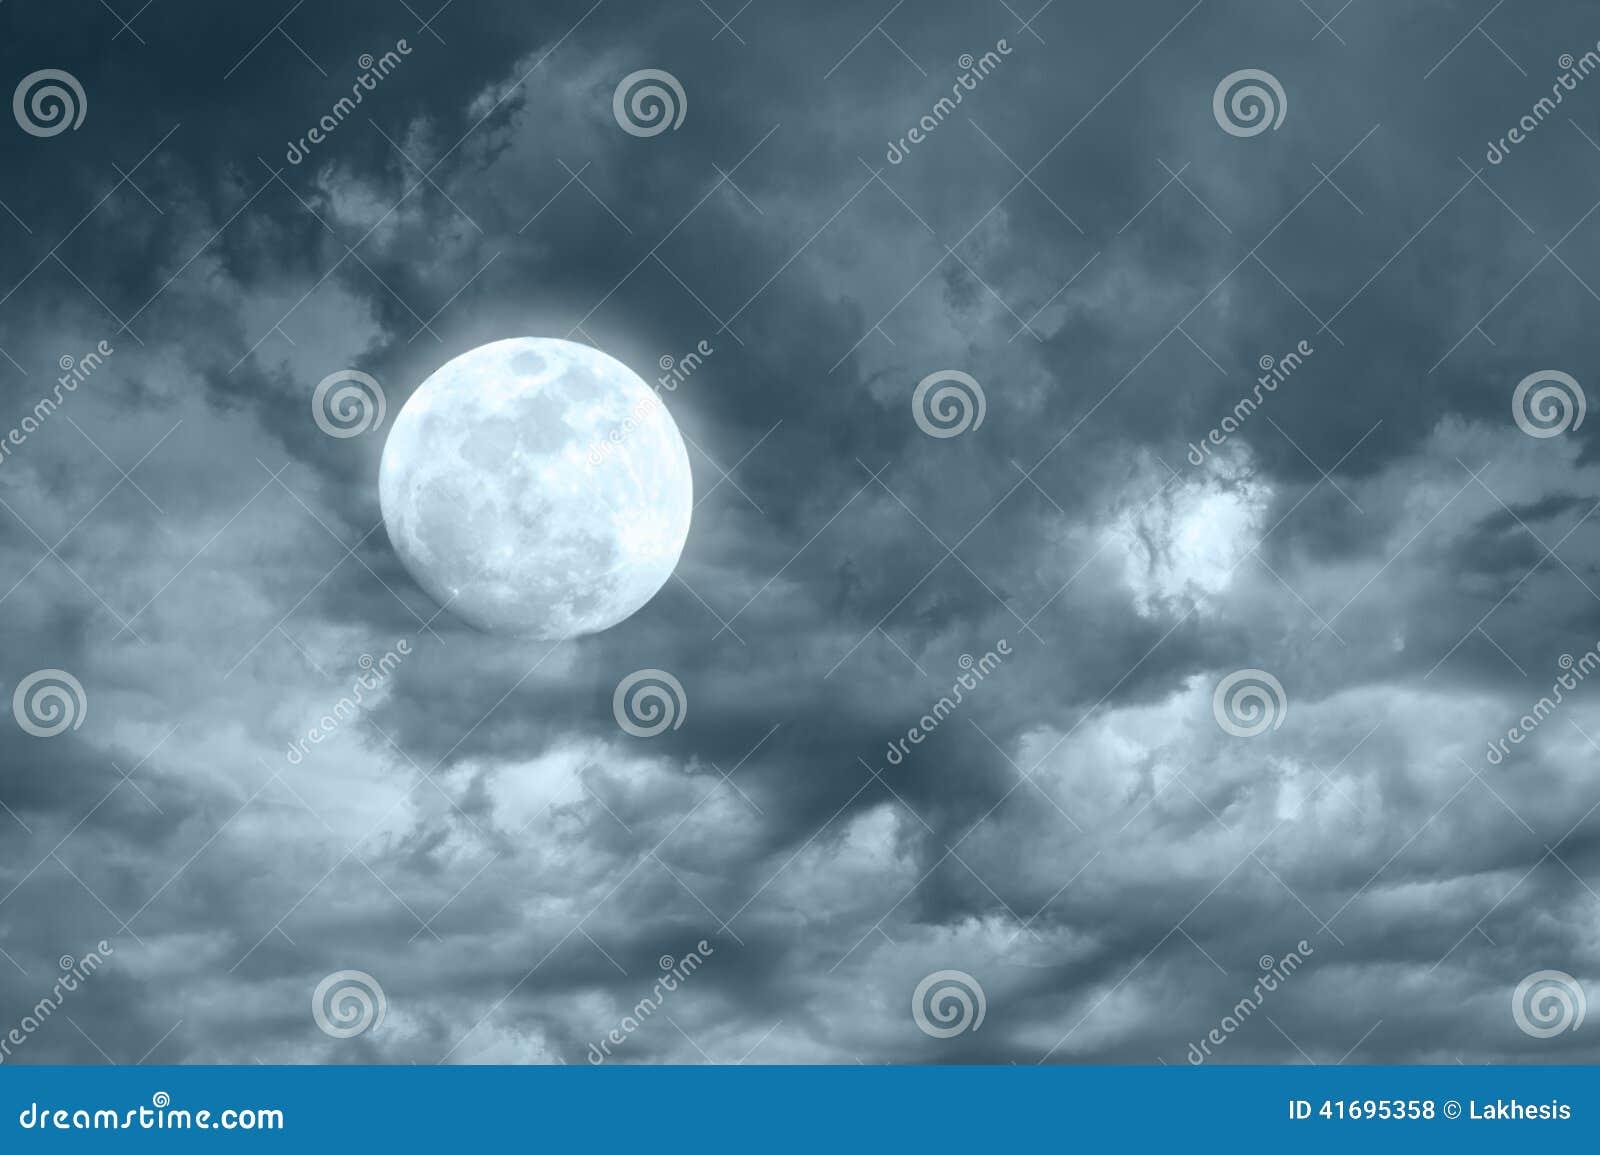 Amazing night sky with shining full moon